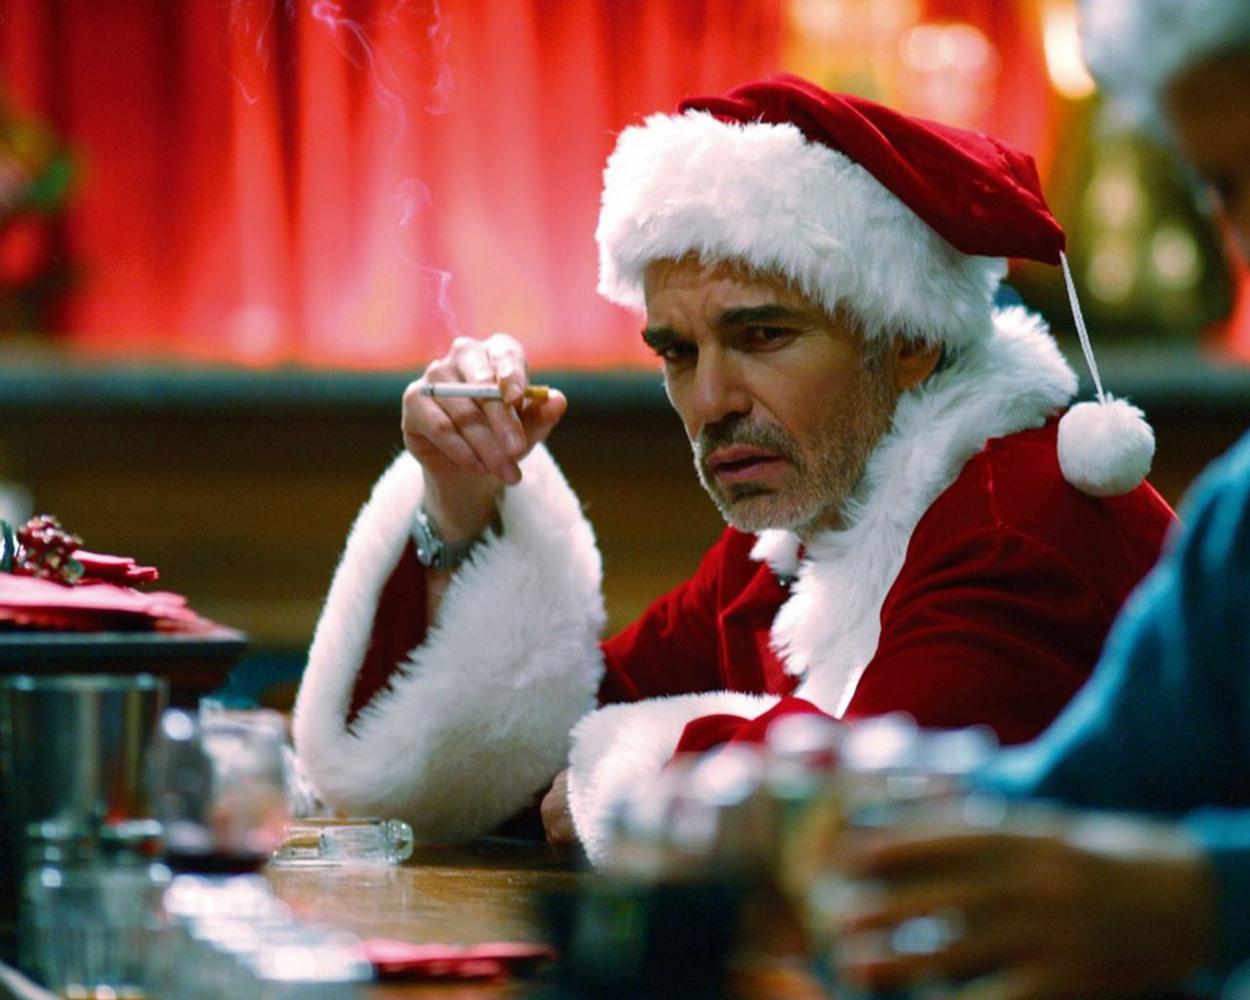 Die besten Weihnachtsfilme aller Zeiten Bad Santa 1